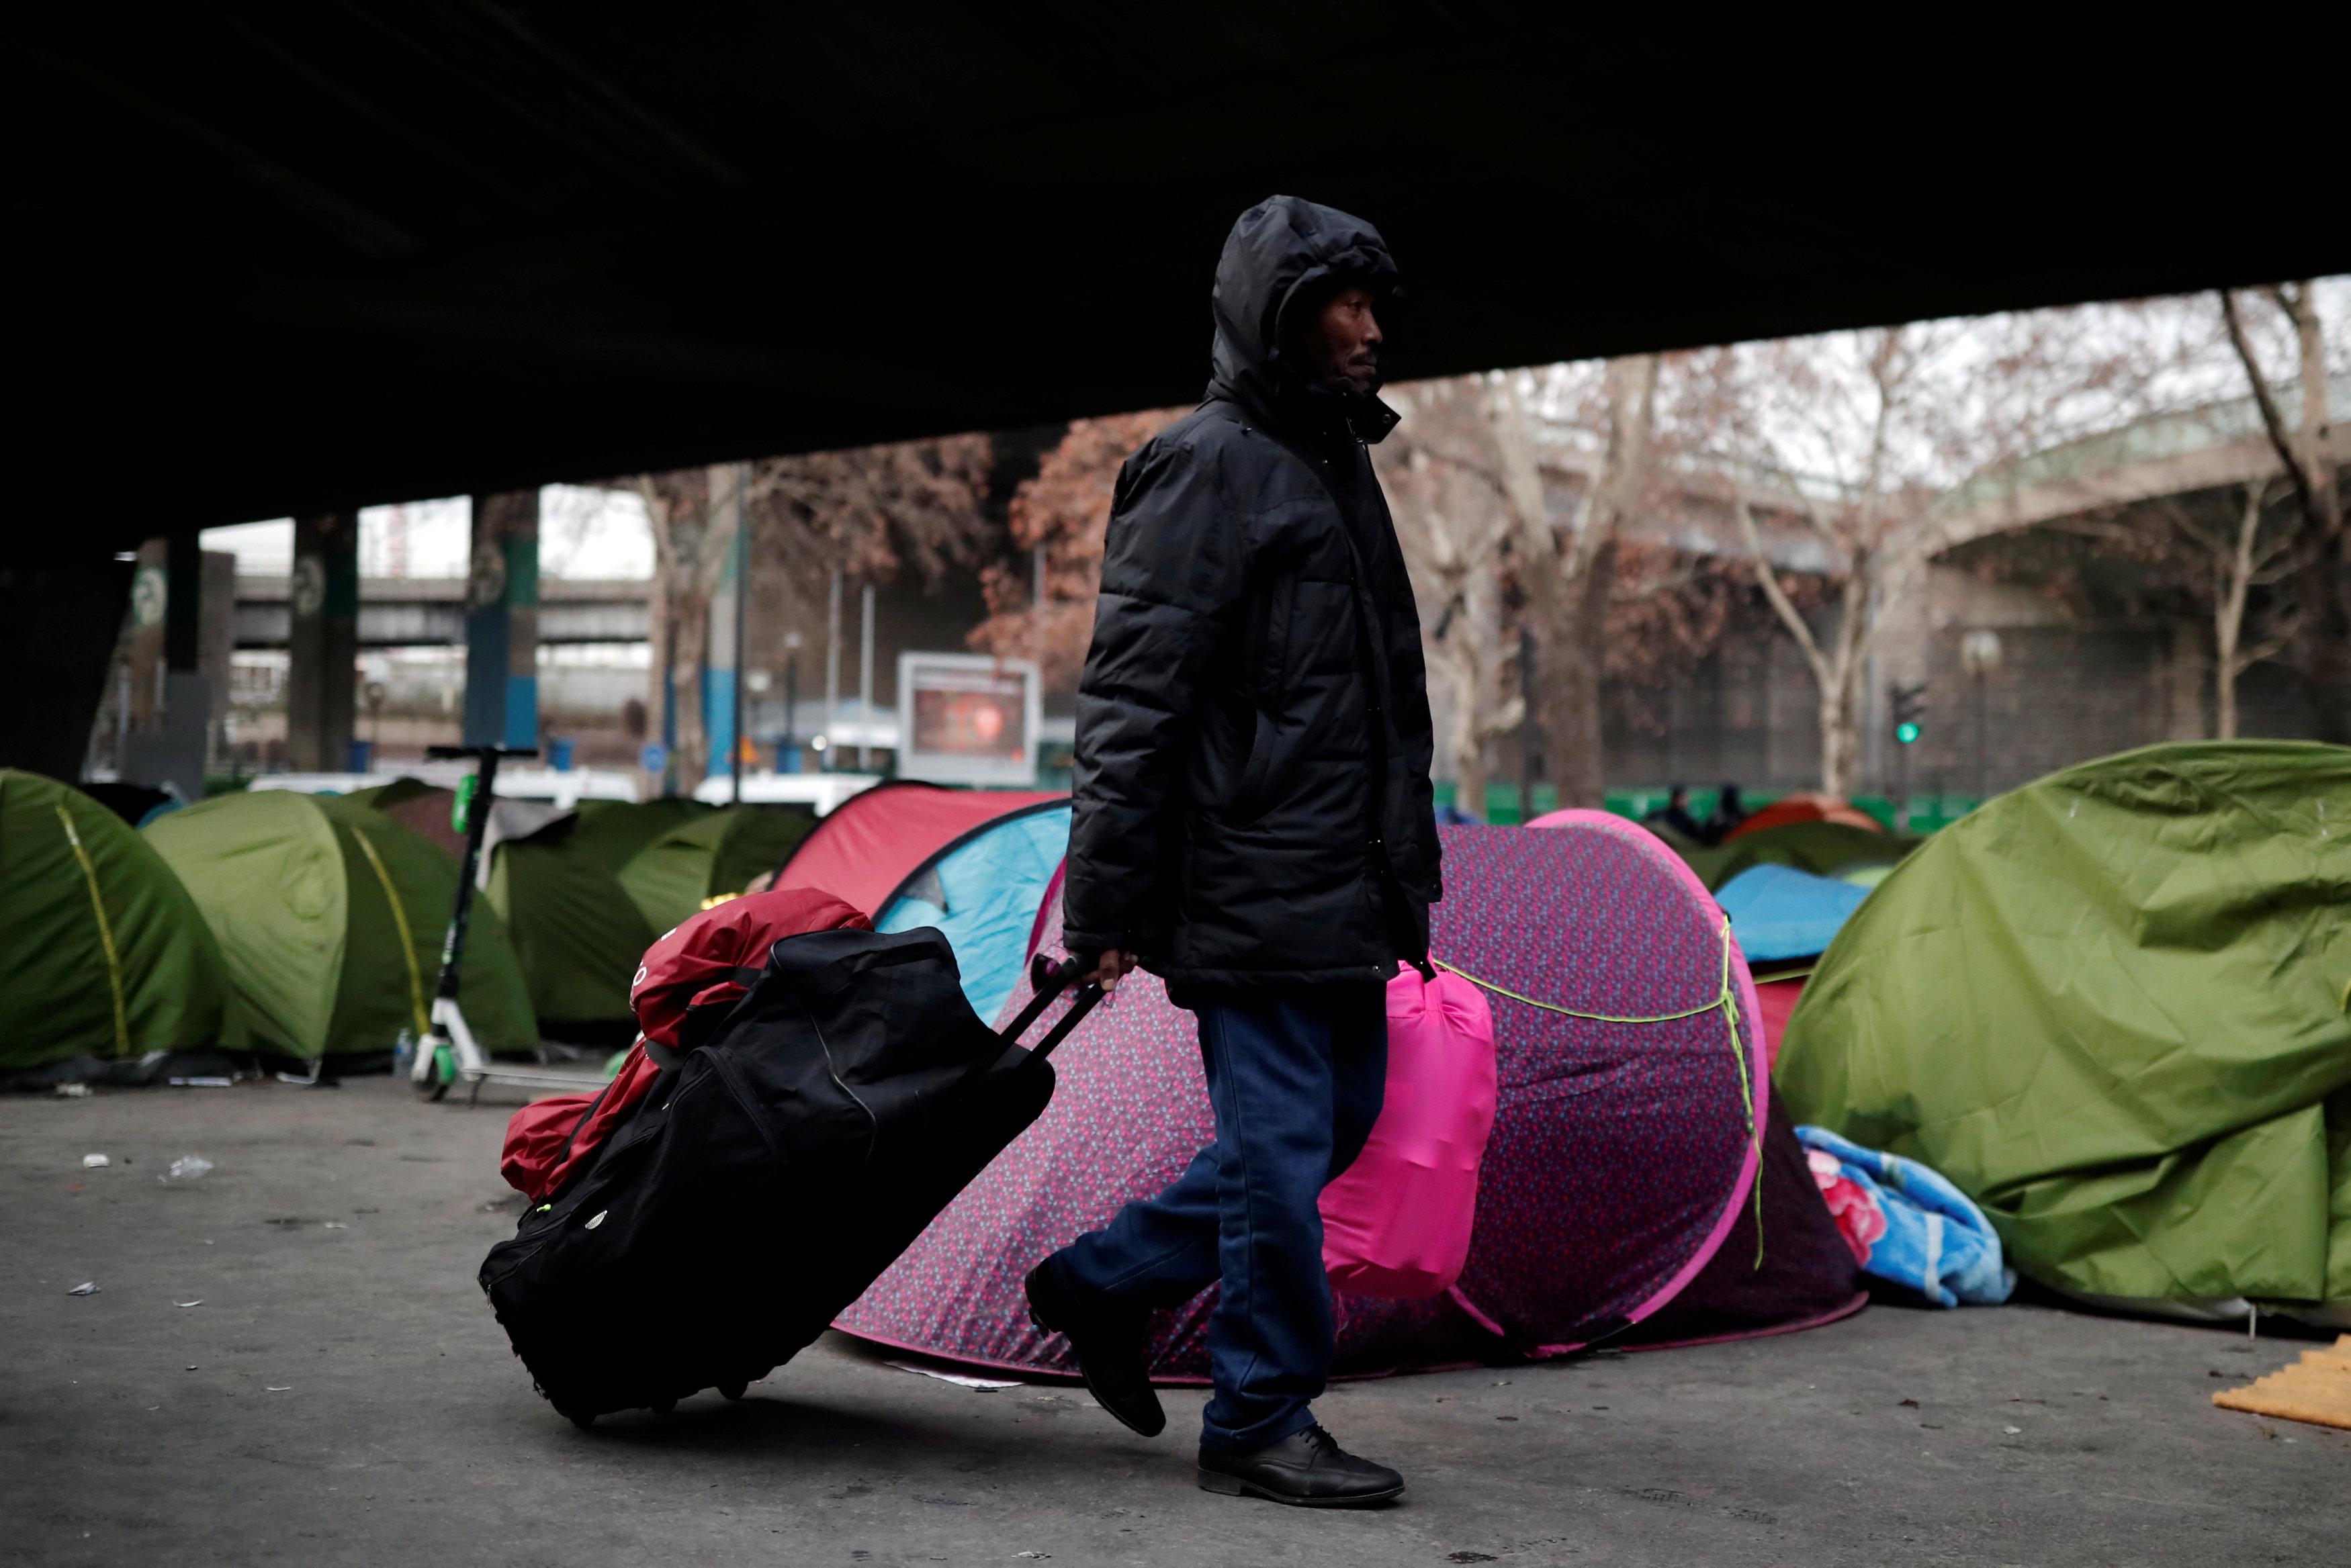 أحد اللاجئين يحمل حقائبة